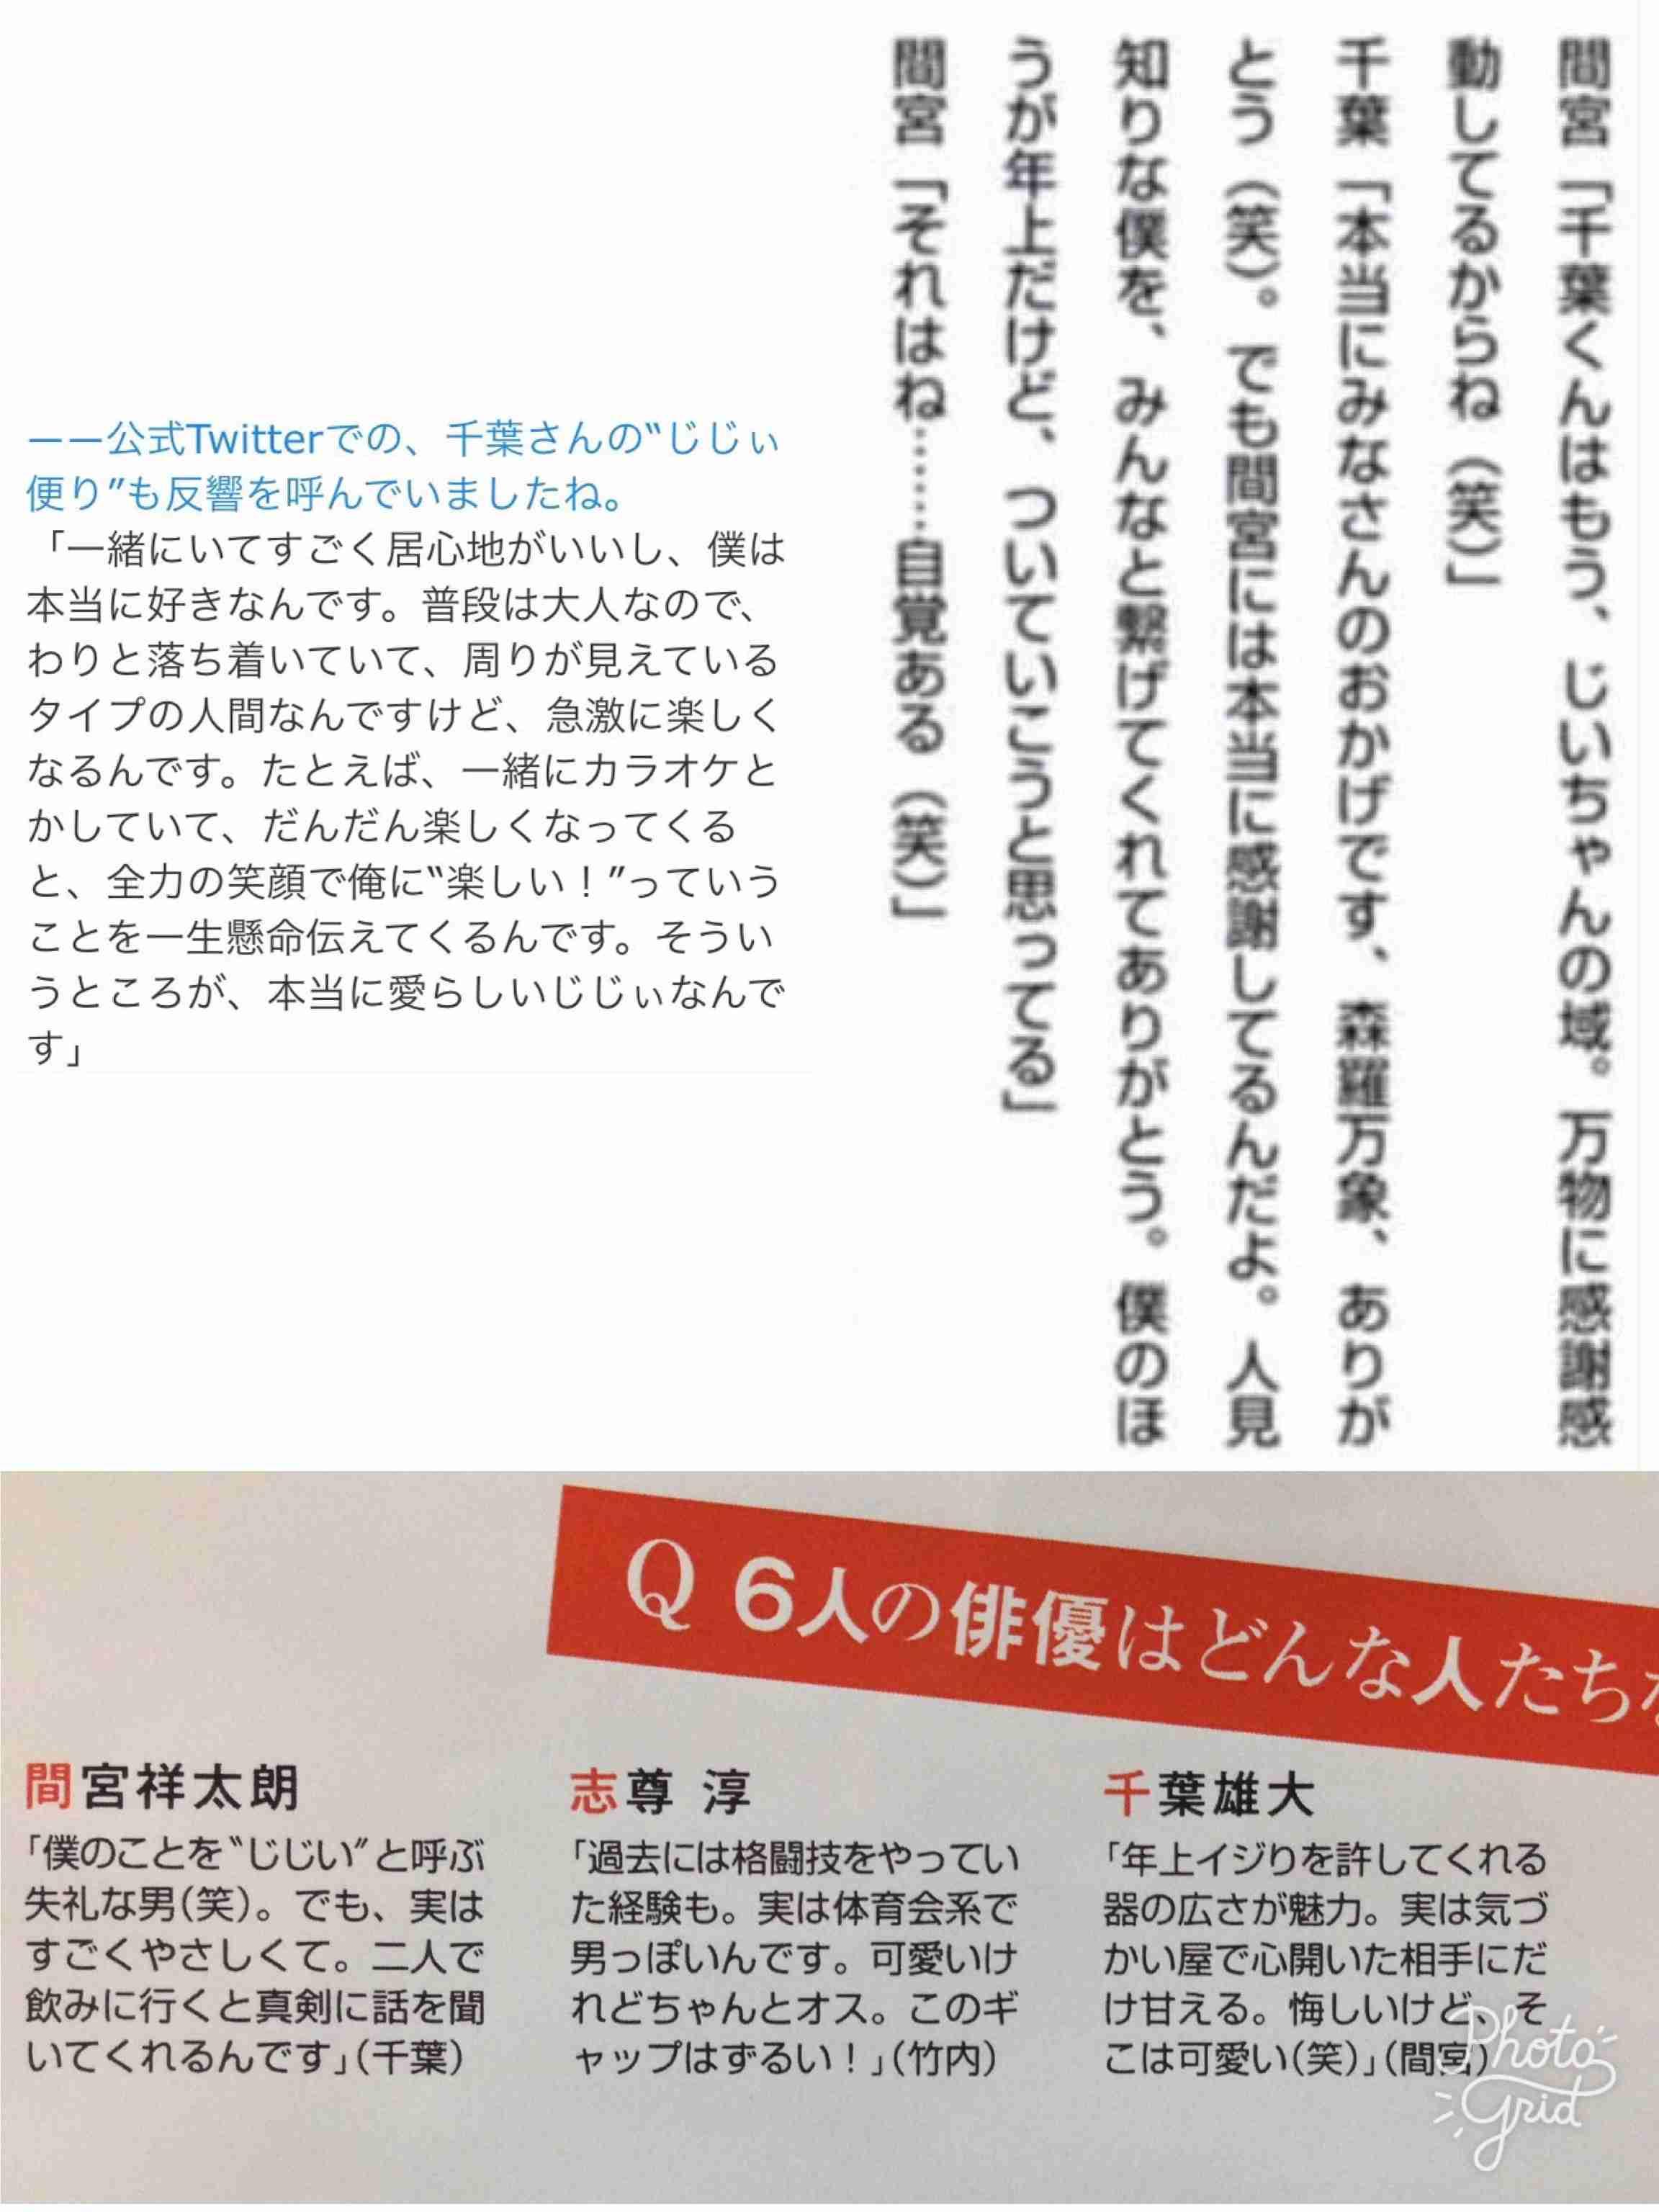 間宮祥太朗、小栗旬に「抱きついて寝た」山田優に関係を疑われる